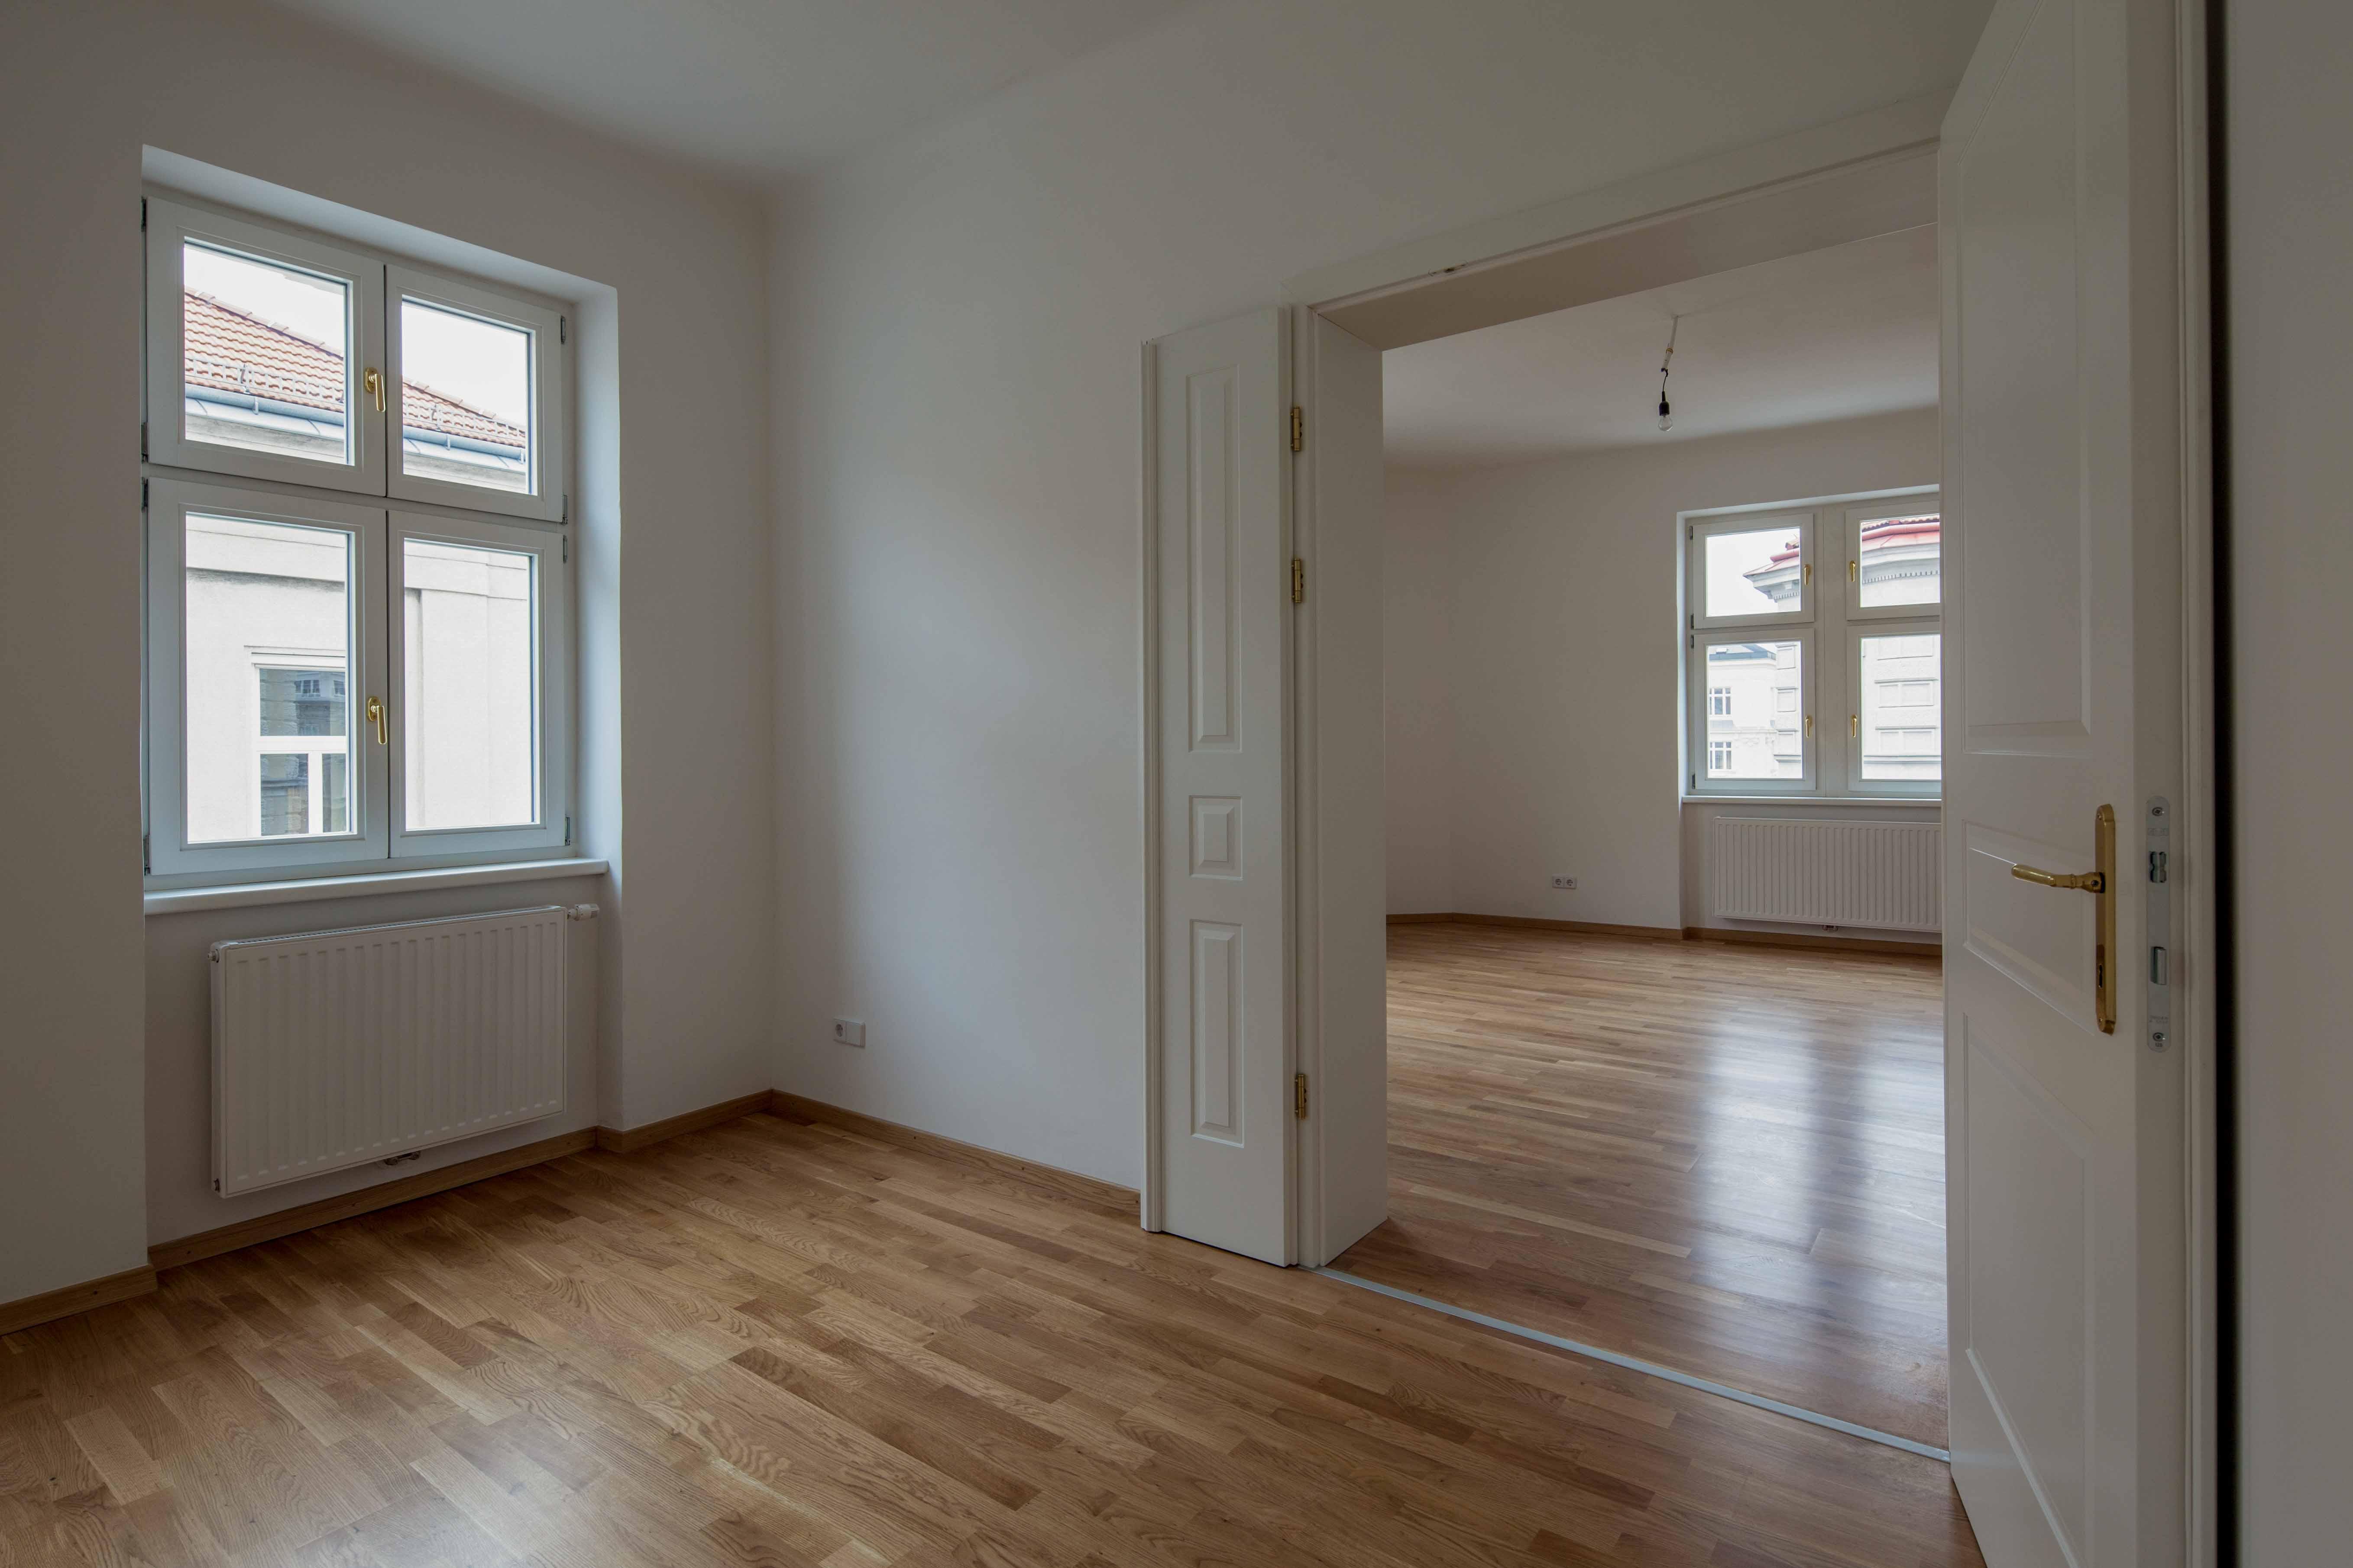 Ehren_10_Zimmer-1.jpg